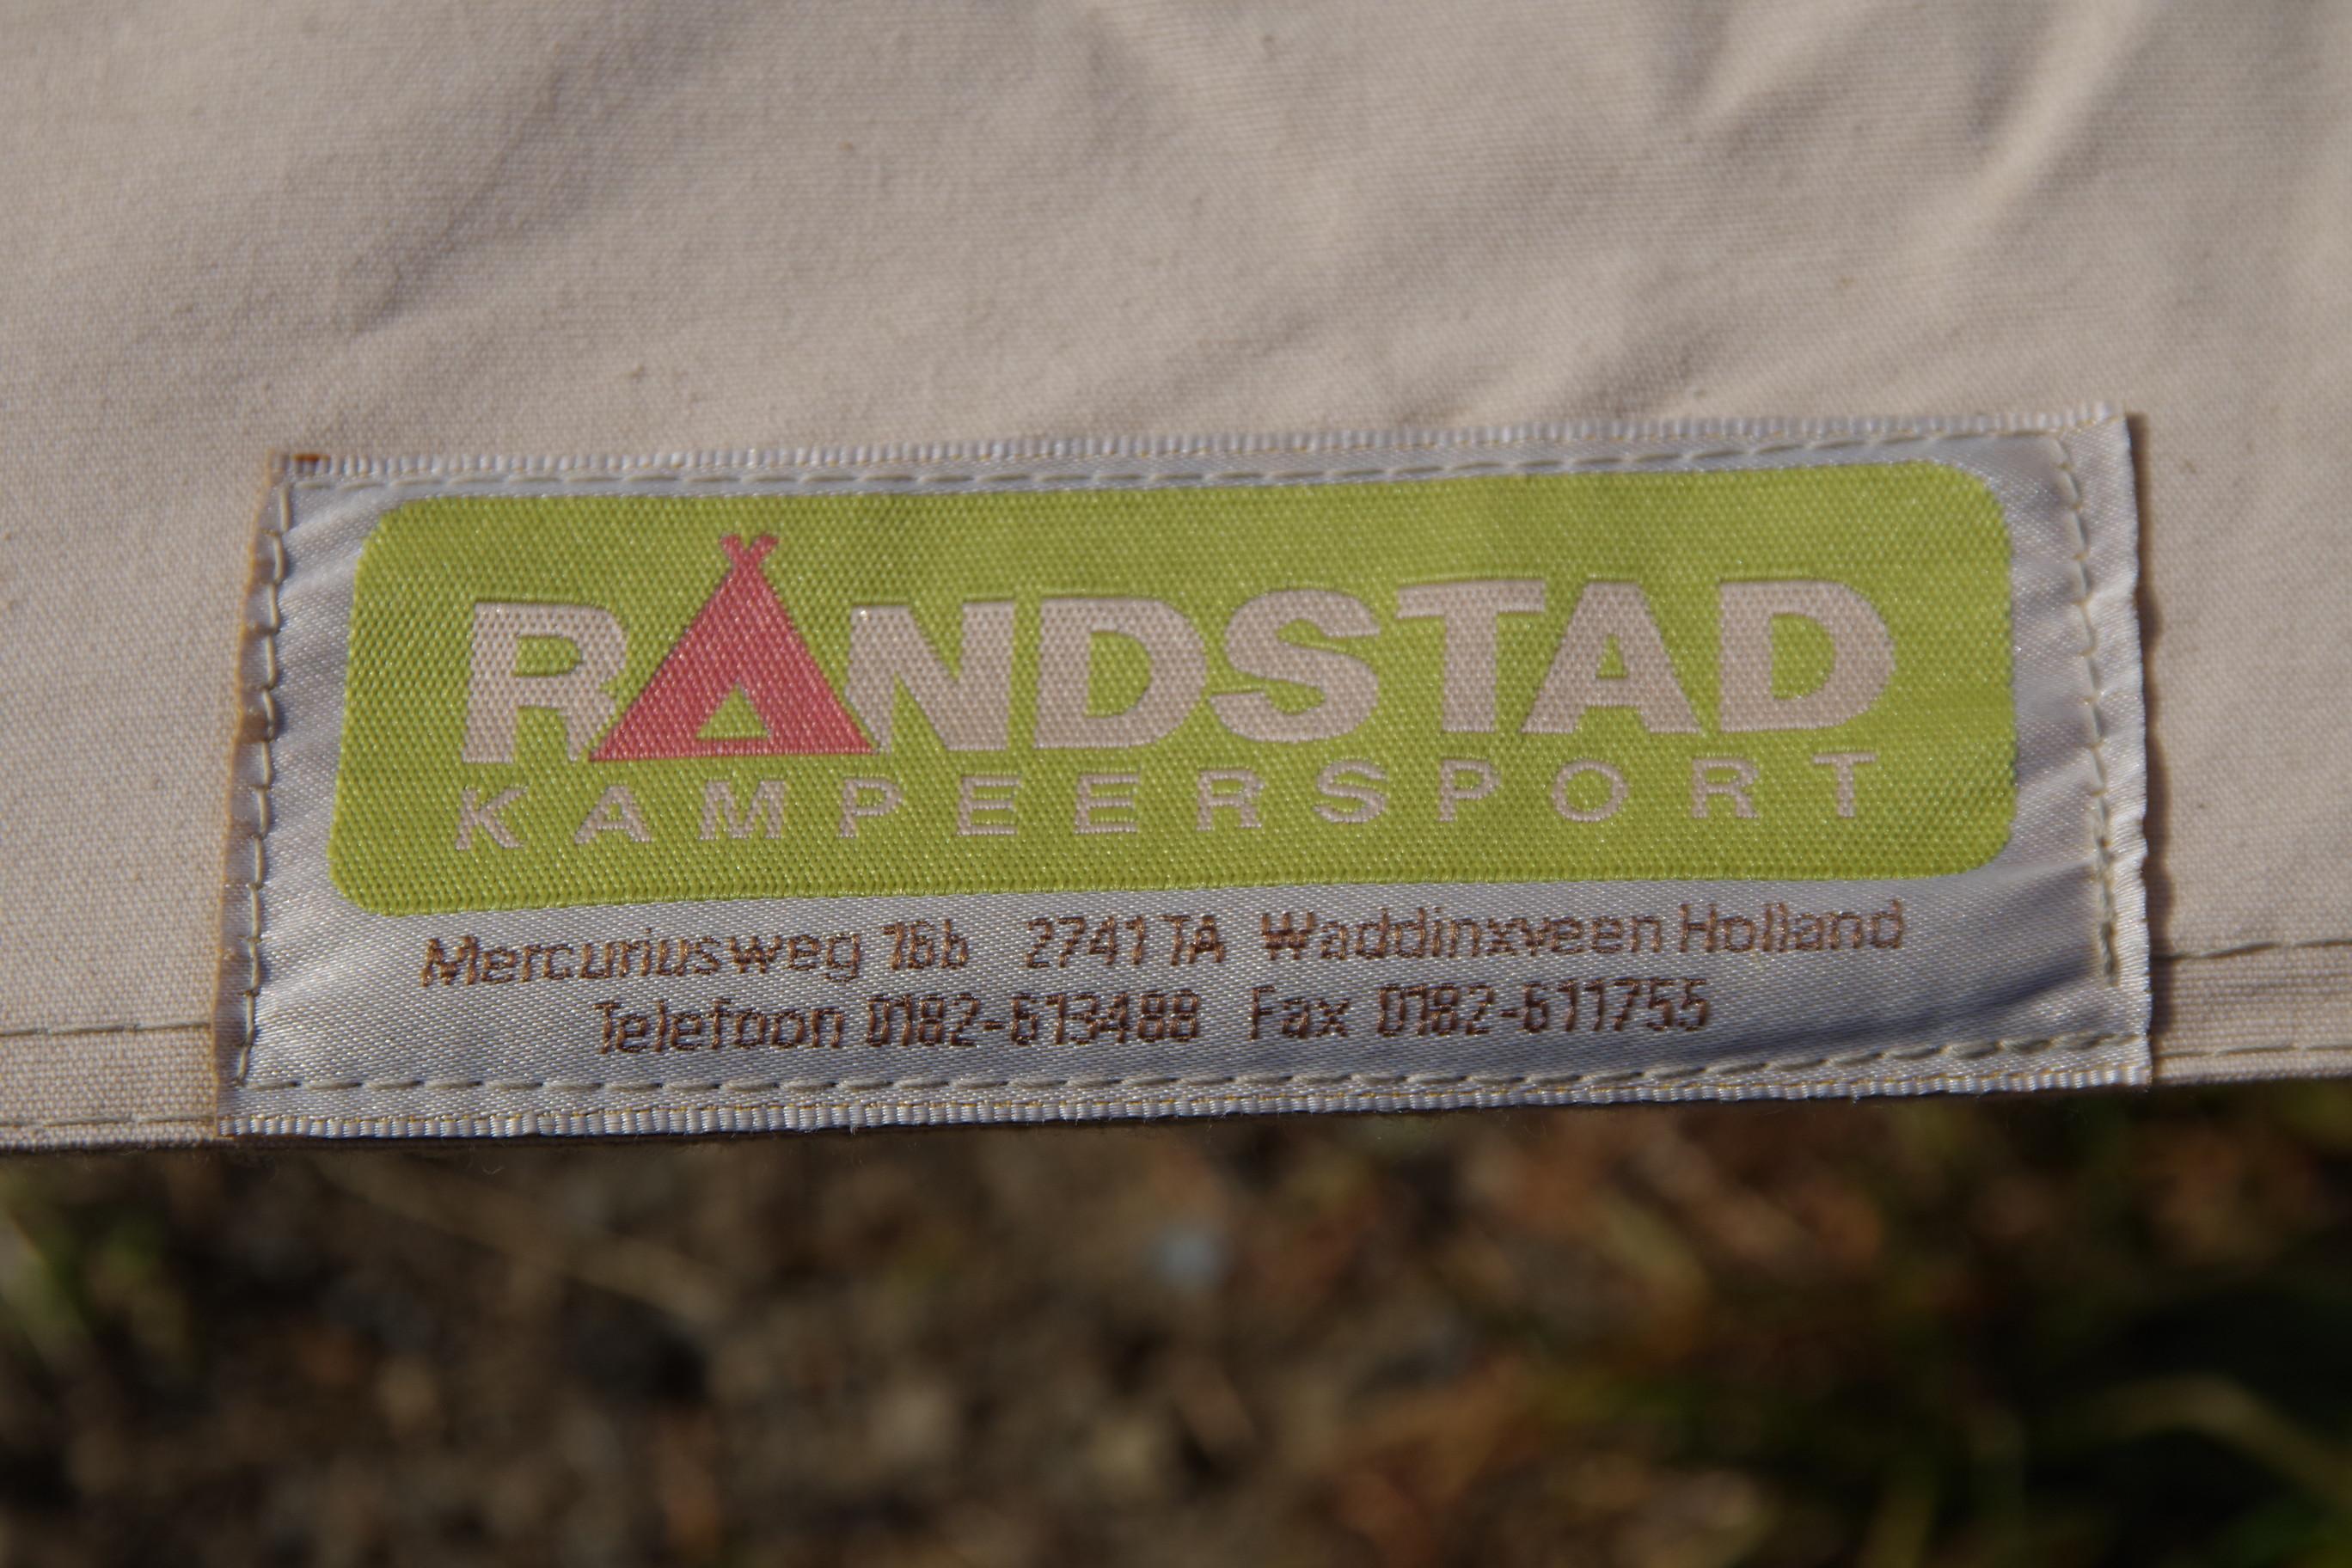 RANDSTAD オランダ ストーム ピラミッドテント